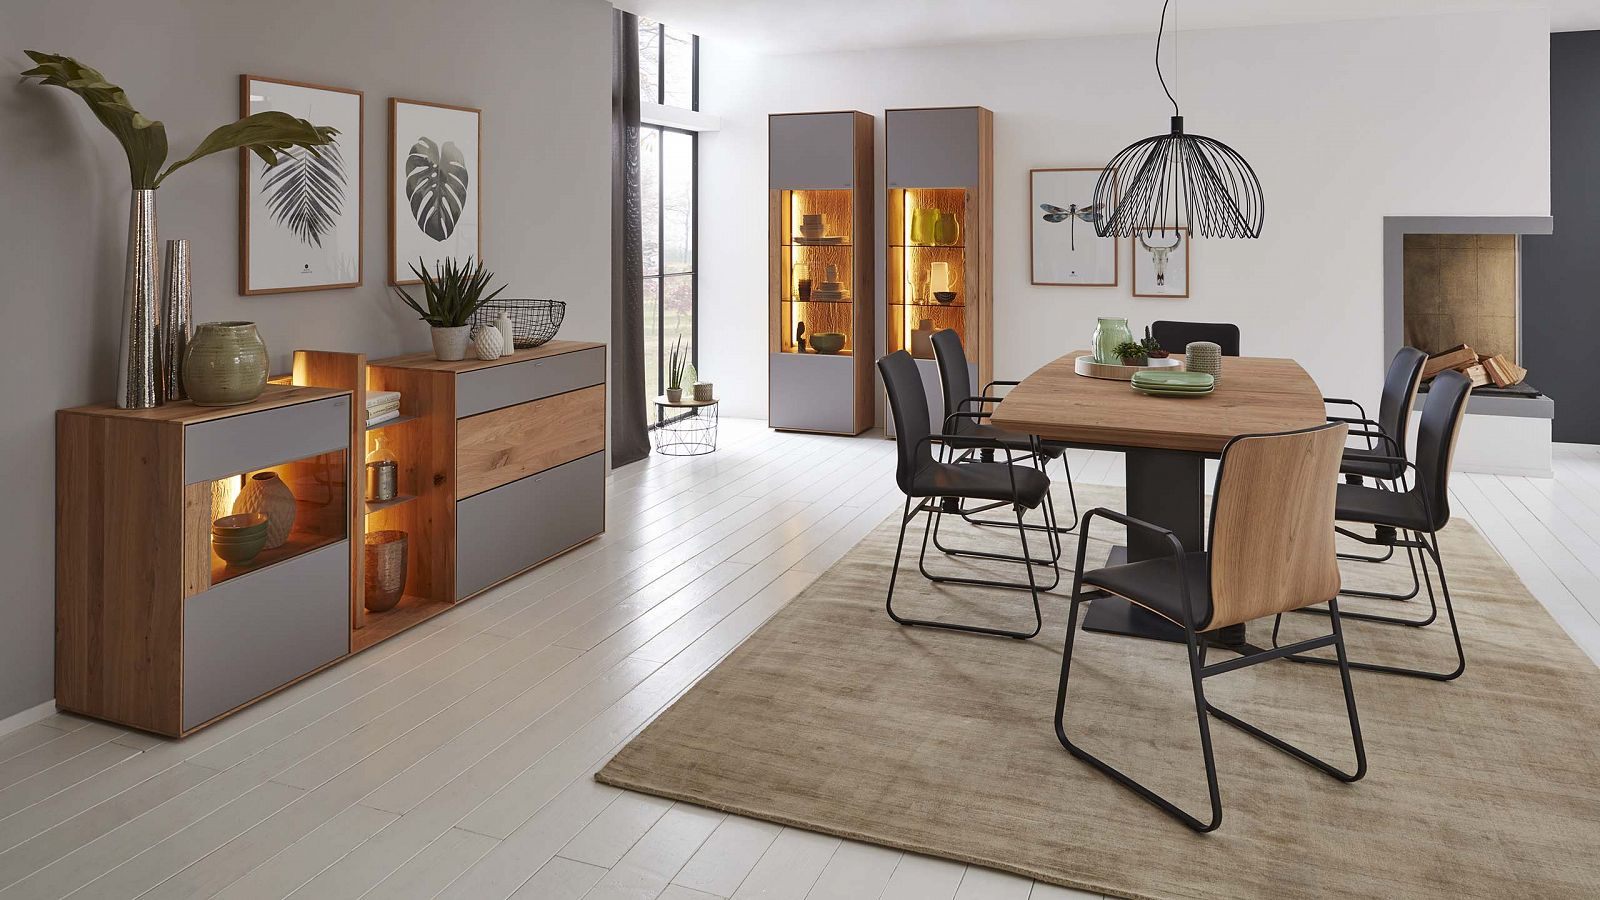 welches holz passt zu eiche helle eiche furniert holz mit regal dieses moderne occassional. Black Bedroom Furniture Sets. Home Design Ideas